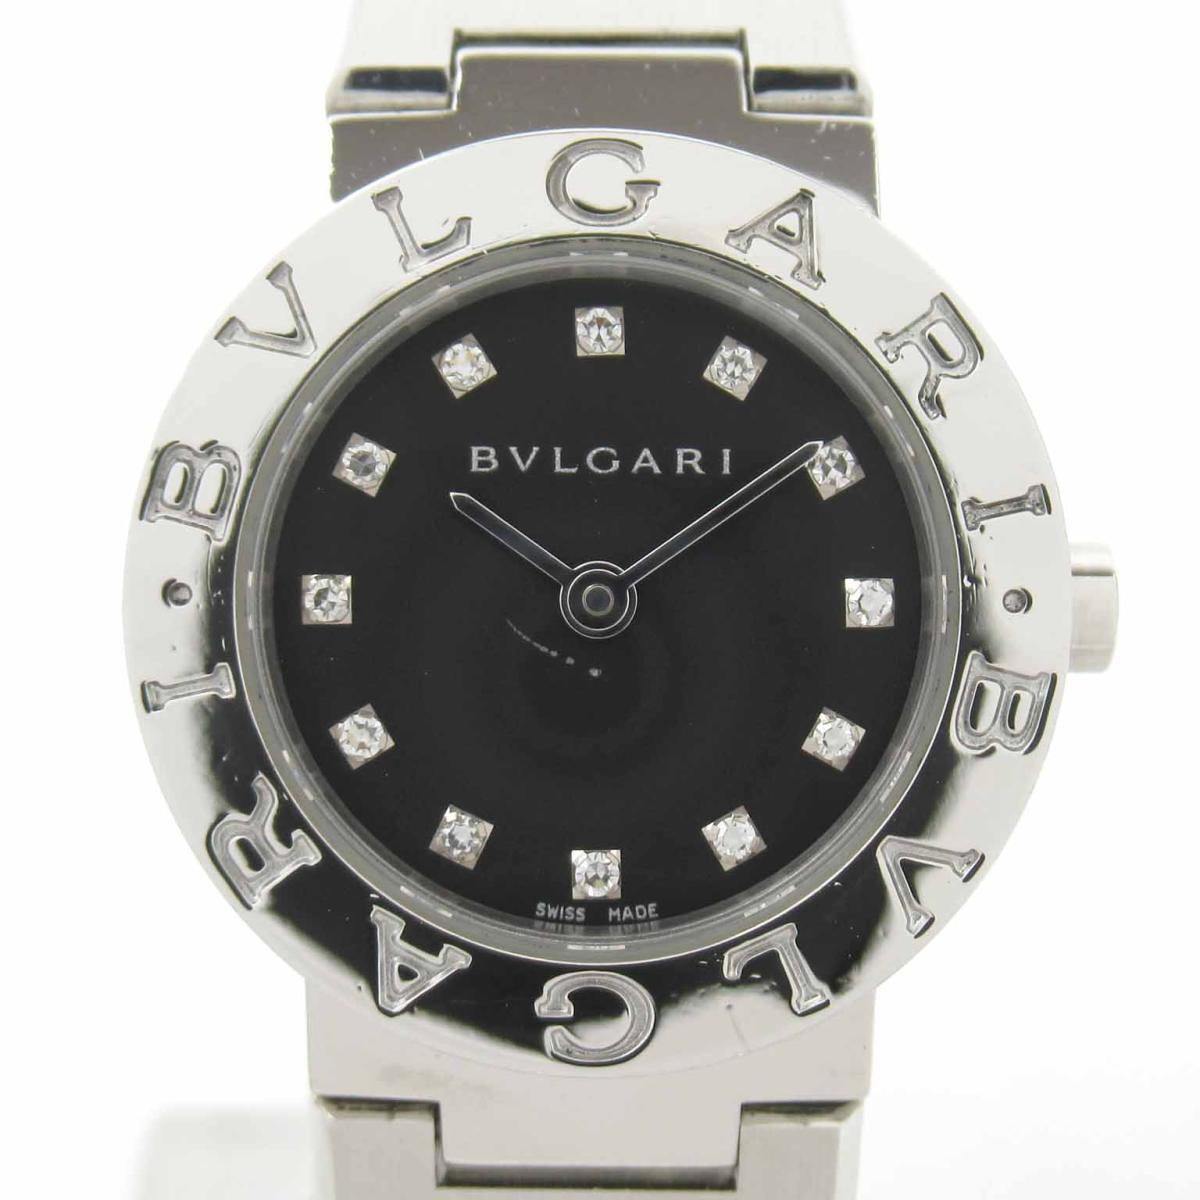 ≪期間限定≫メルマガ登録でクーポンGET! 【中古】 ブルガリ 12Pダイヤ ウォッチ 腕時計 レディース ステンレススチール (SS) (BB23SS) | BVLGARI BRANDOFF ブランドオフ ブランド ブランド時計 ブランド腕時計 時計